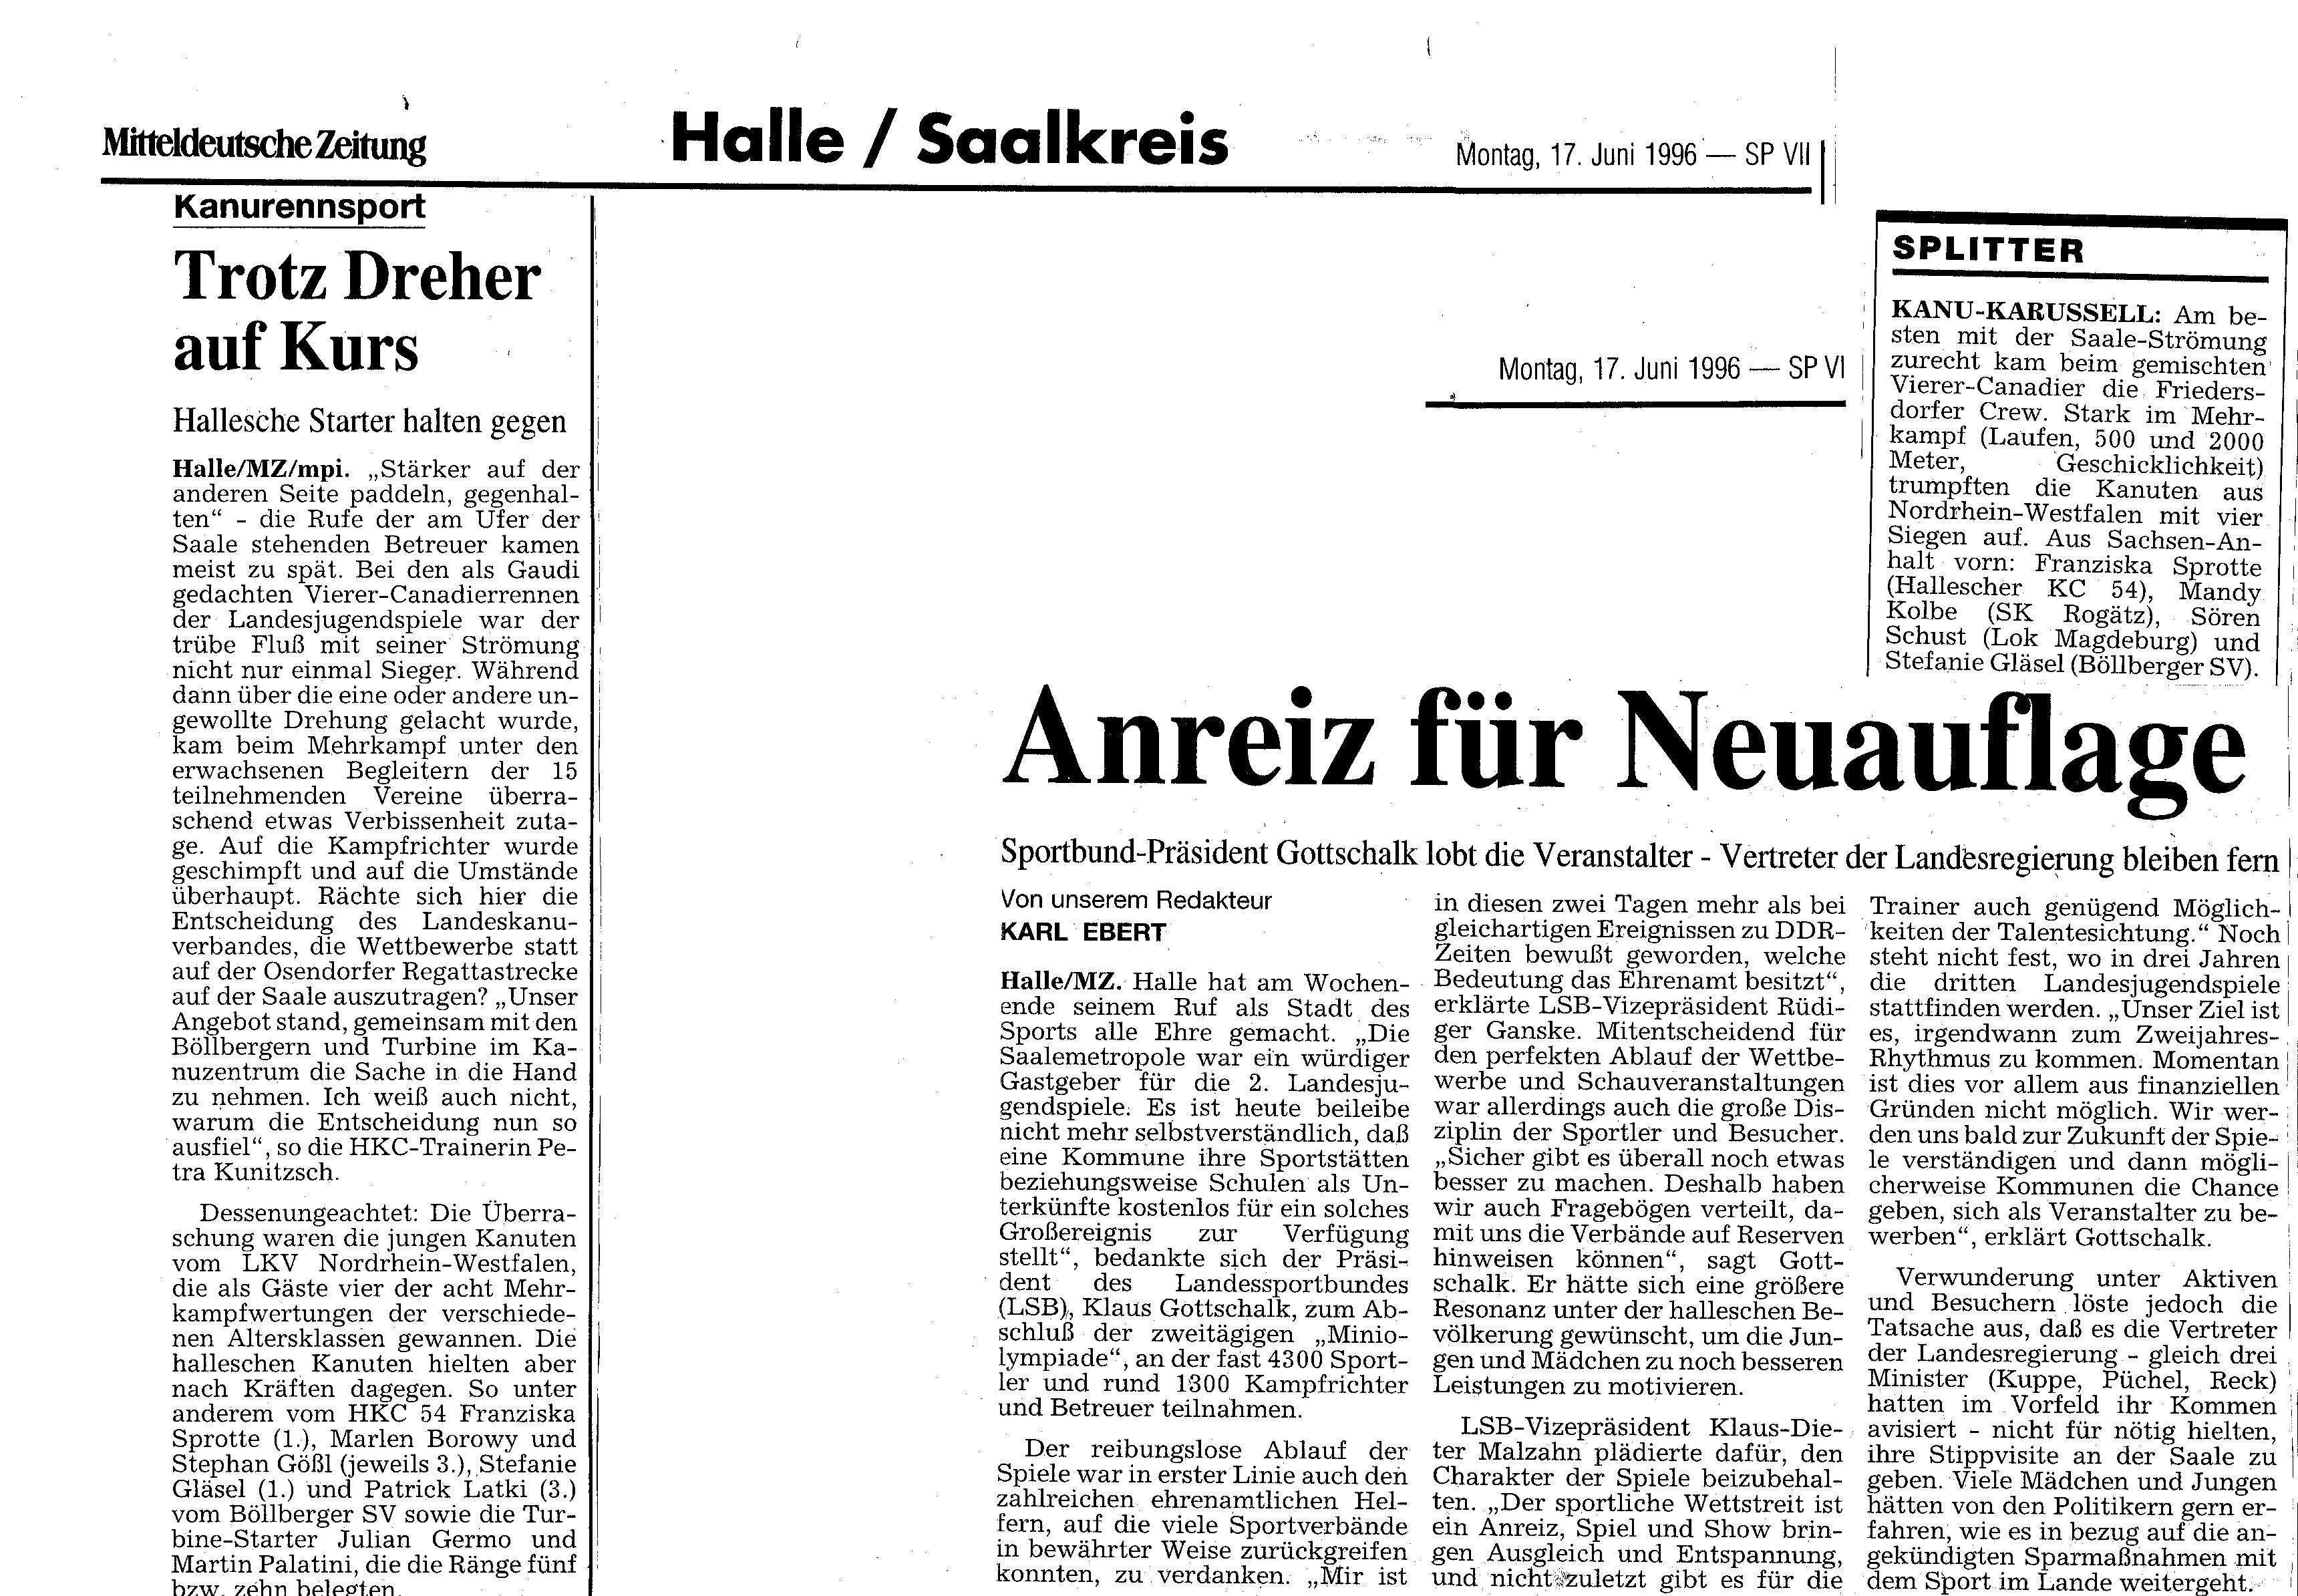 1996-06-17 MZ Trotz Dreher auf Kurs, Anreiz für Neuauflage